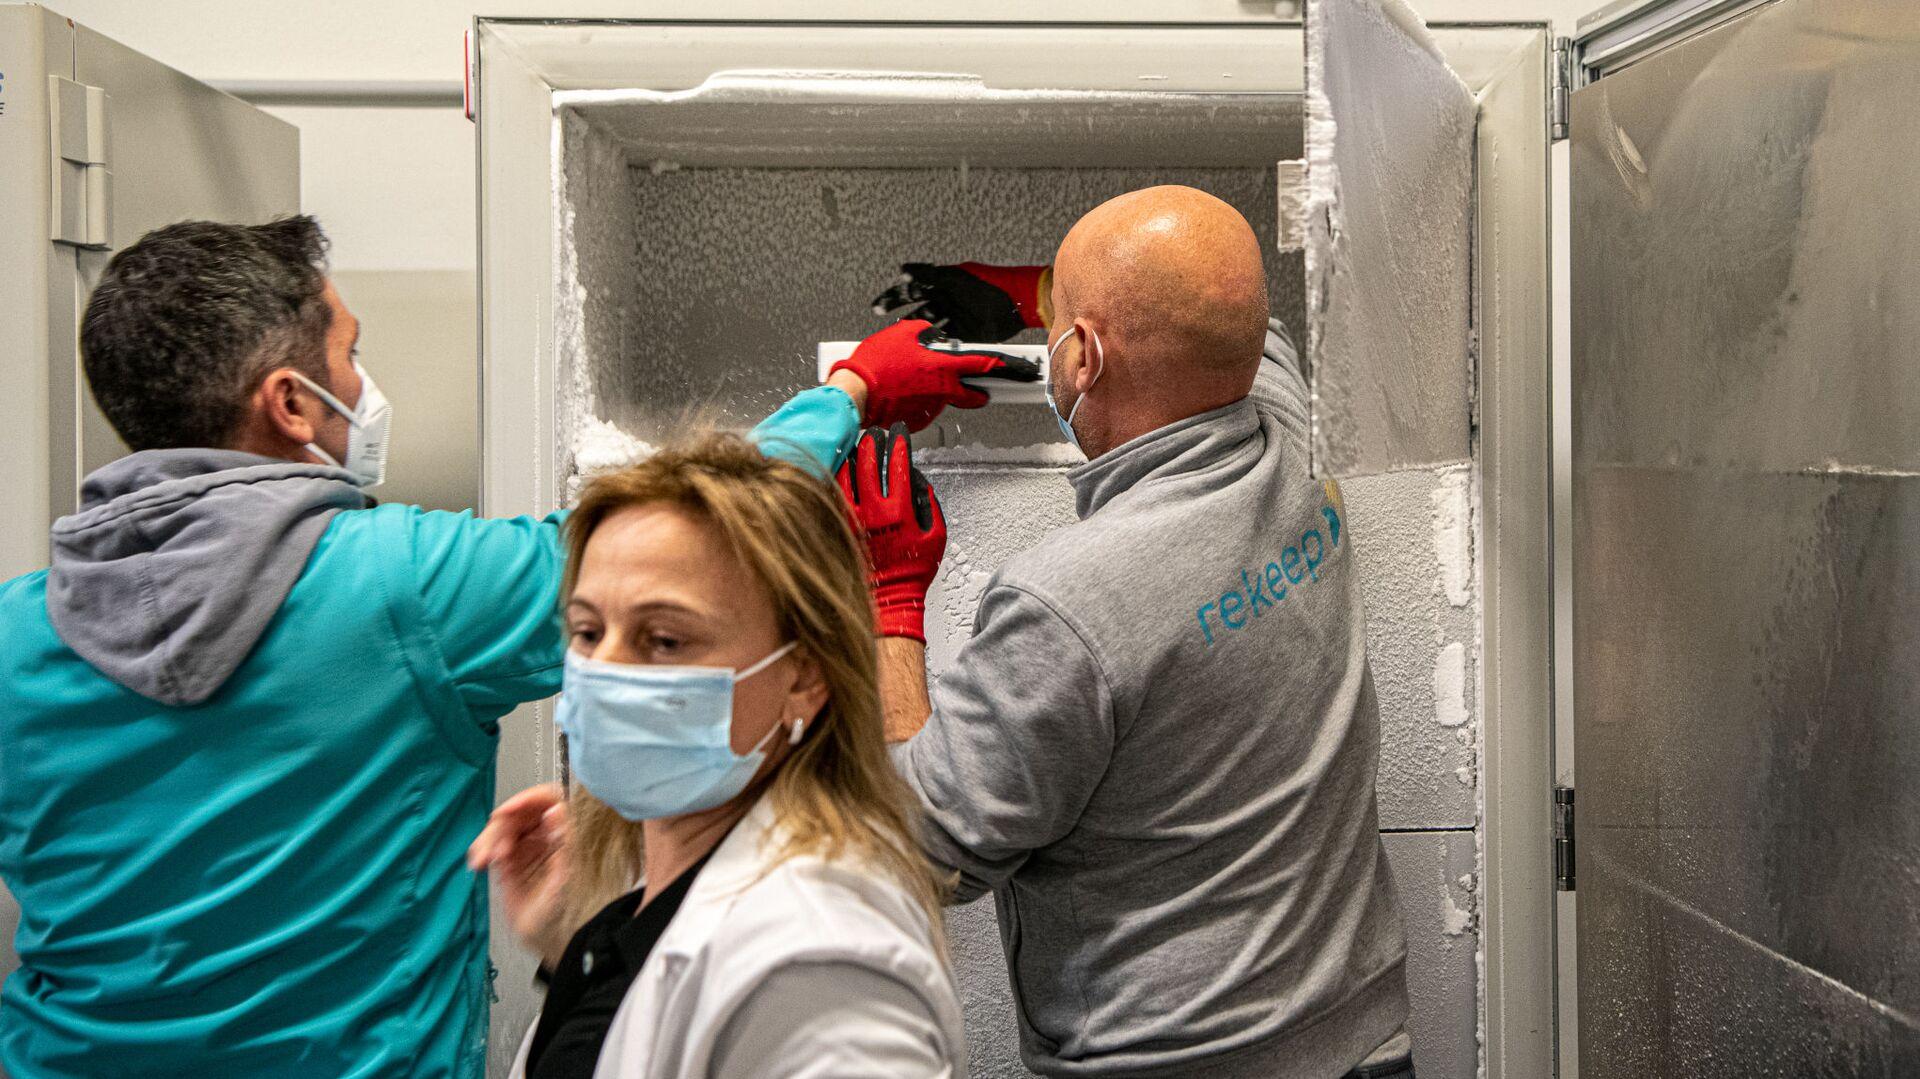 Consegna Vaccini Pfizer all'Ospedale Santa Maria della Pietà a Roma - Sputnik Italia, 1920, 18.05.2021